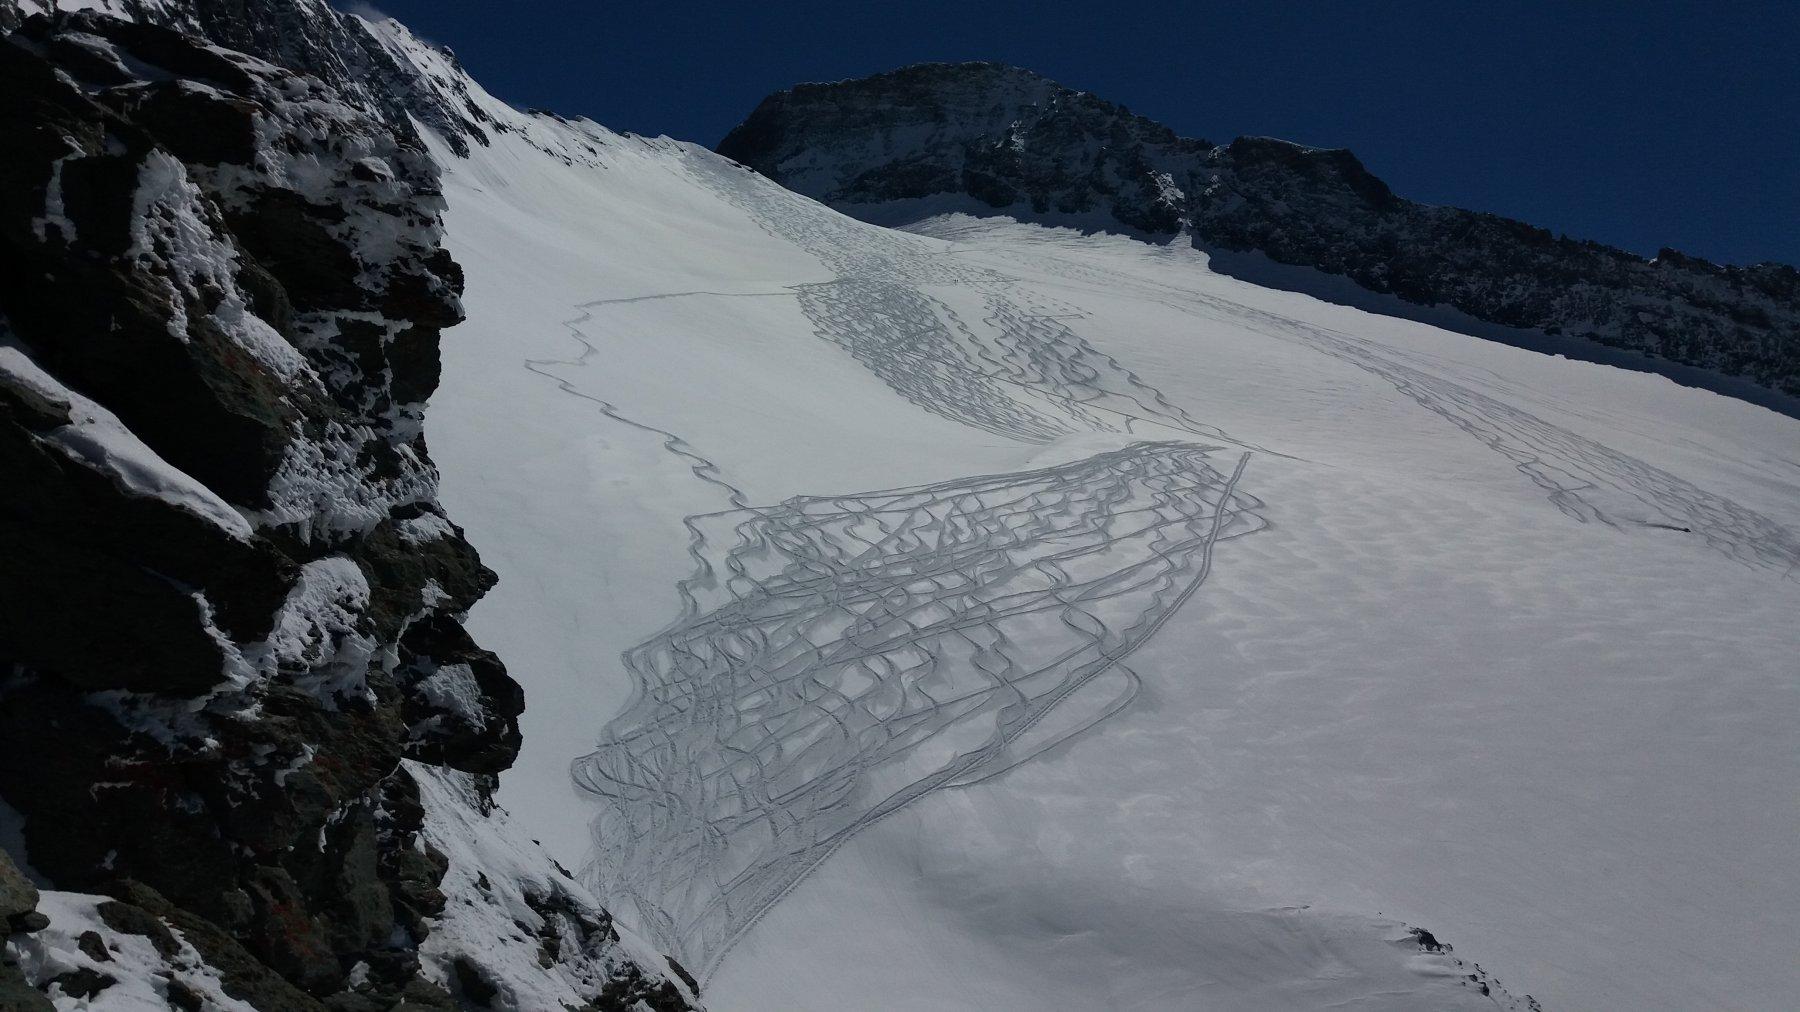 Tracce sul ghiacciaio nella luce del pomeriggio